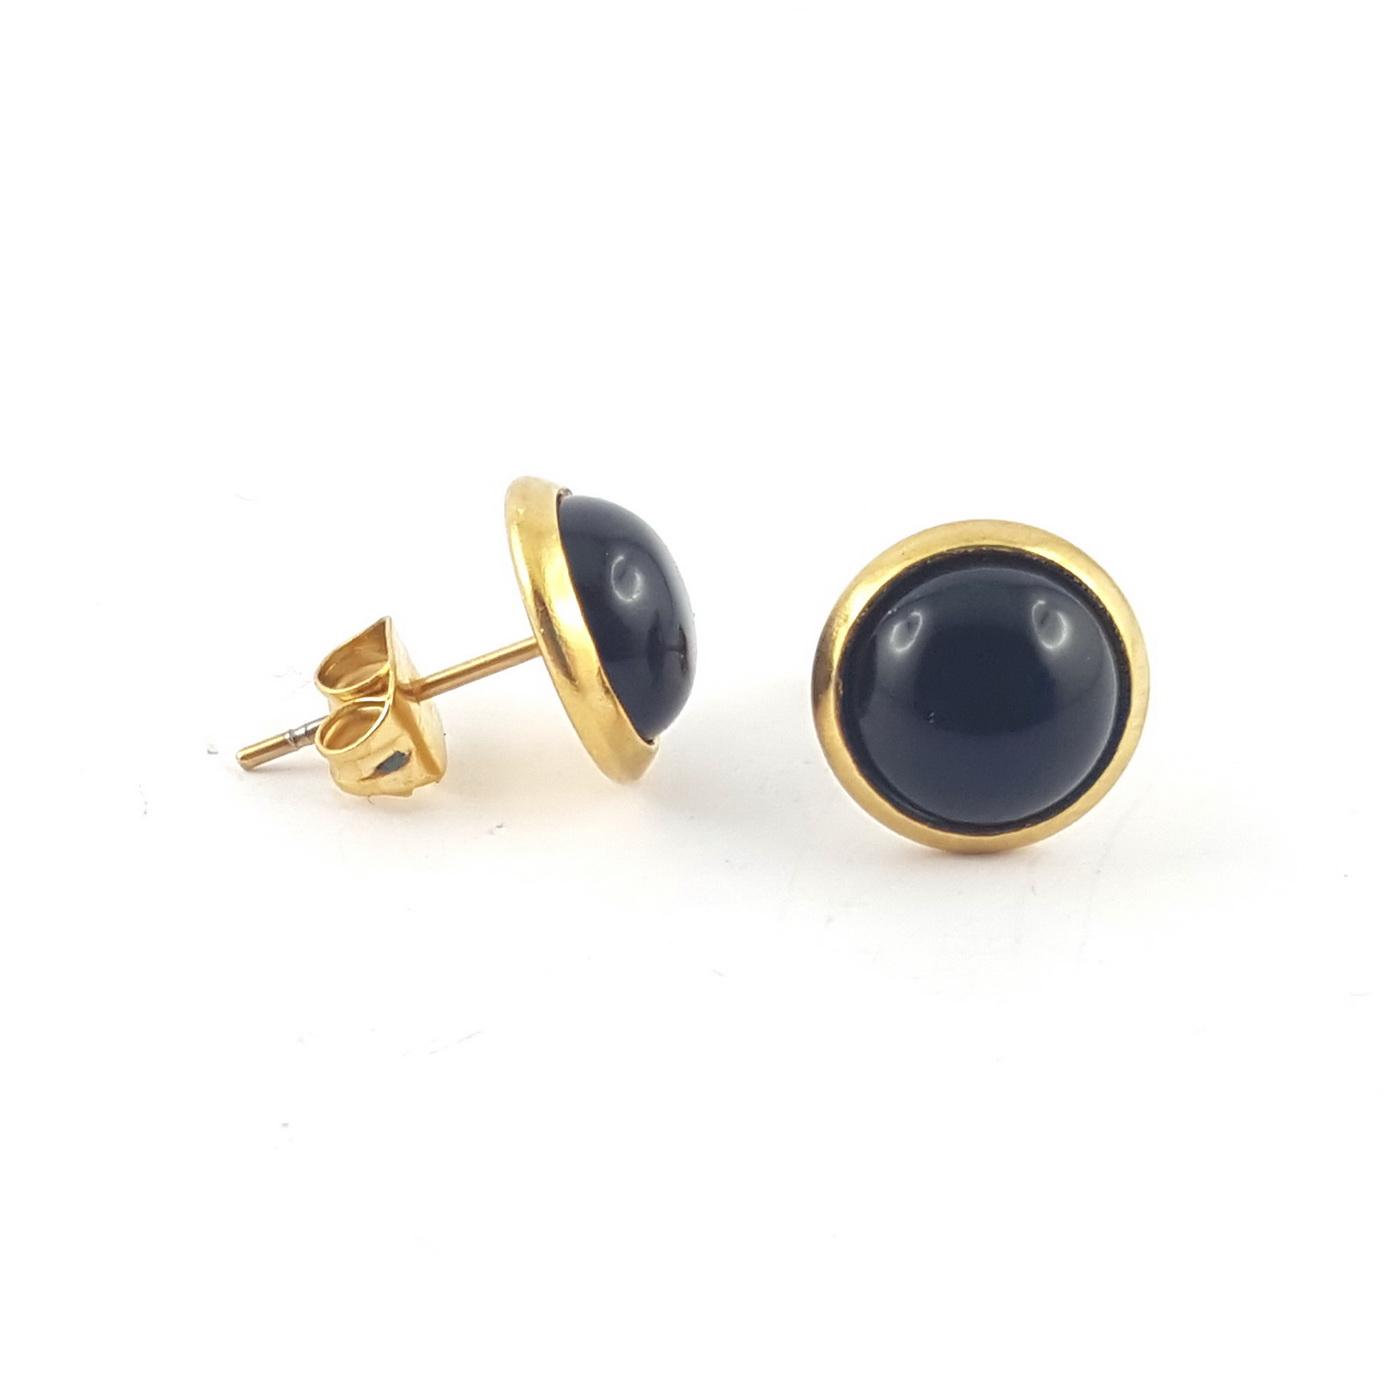 Puces d'oreilles finition or et agate noire - identites bijoux